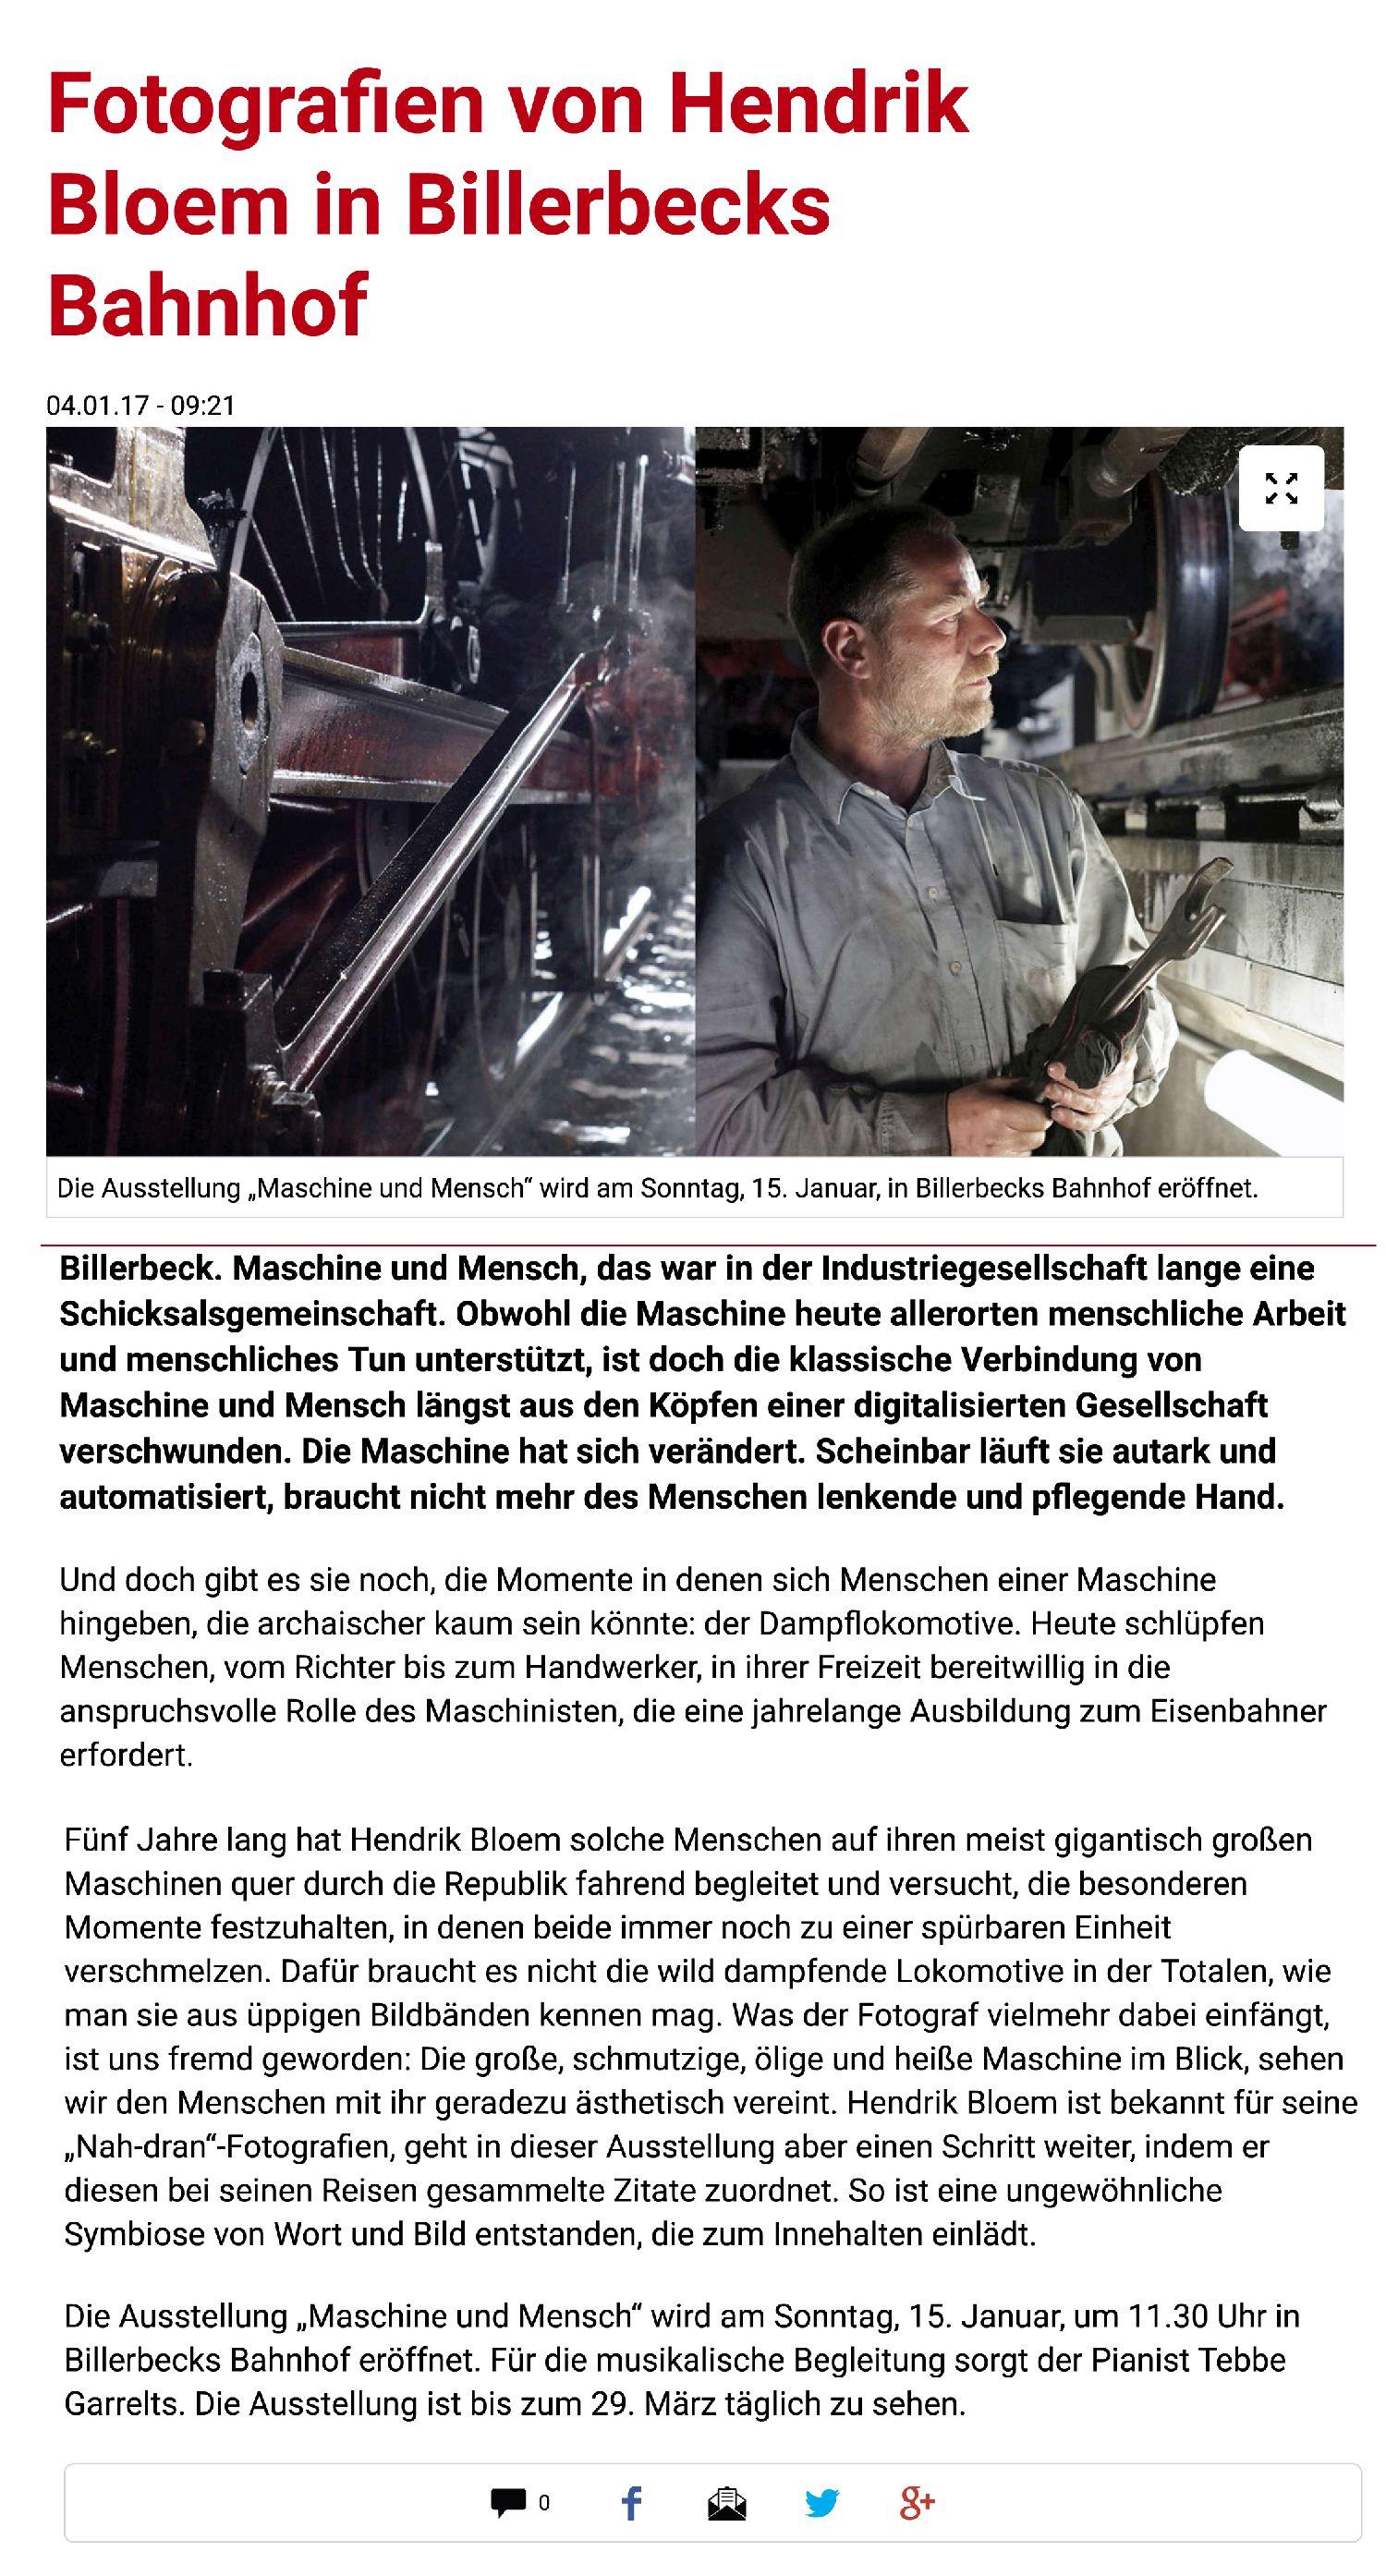 13_Hendrik Bloem_www.hendrikbloem.de_Maschine und Mensch